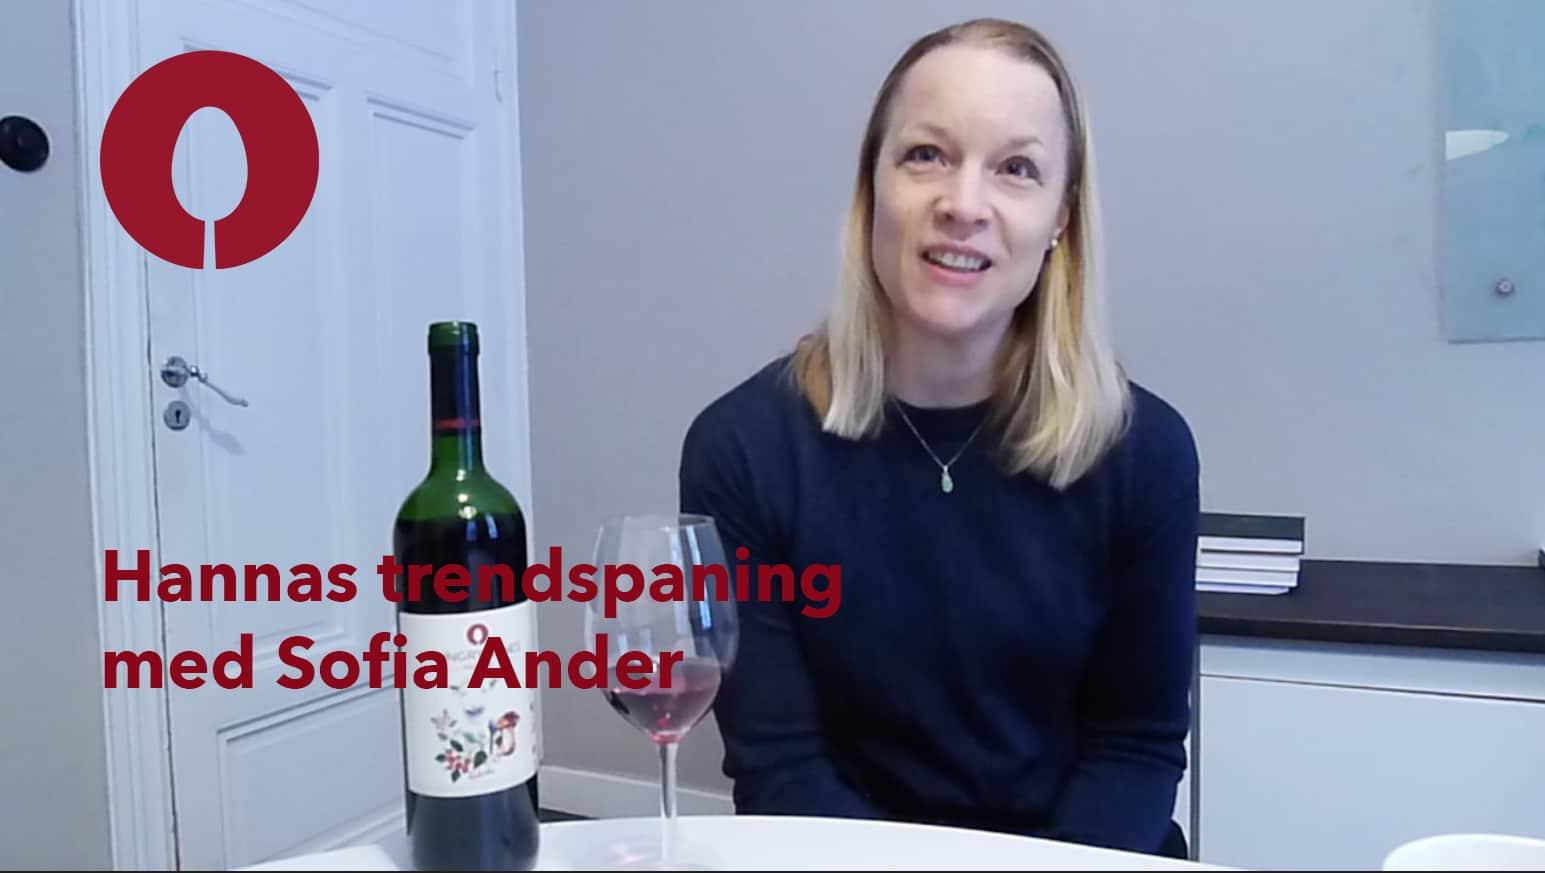 Sofia Ander